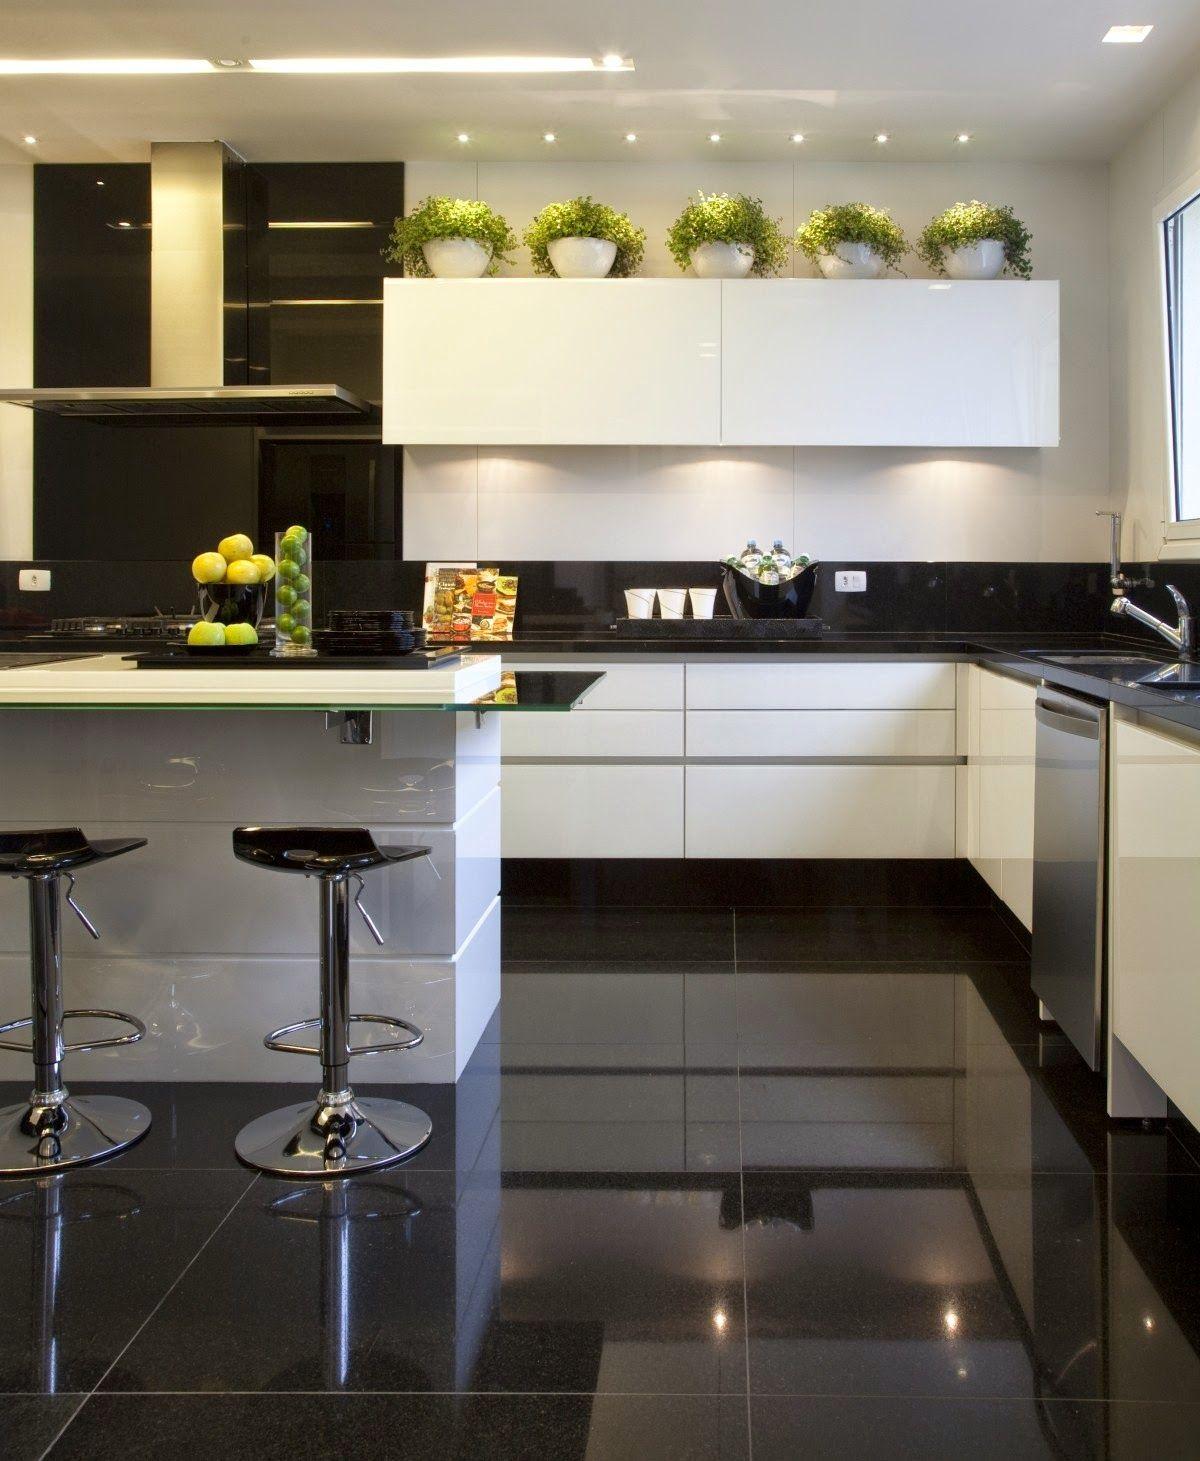 Apartamento Moderno Com Decoração Preto Branco Maravilhoso